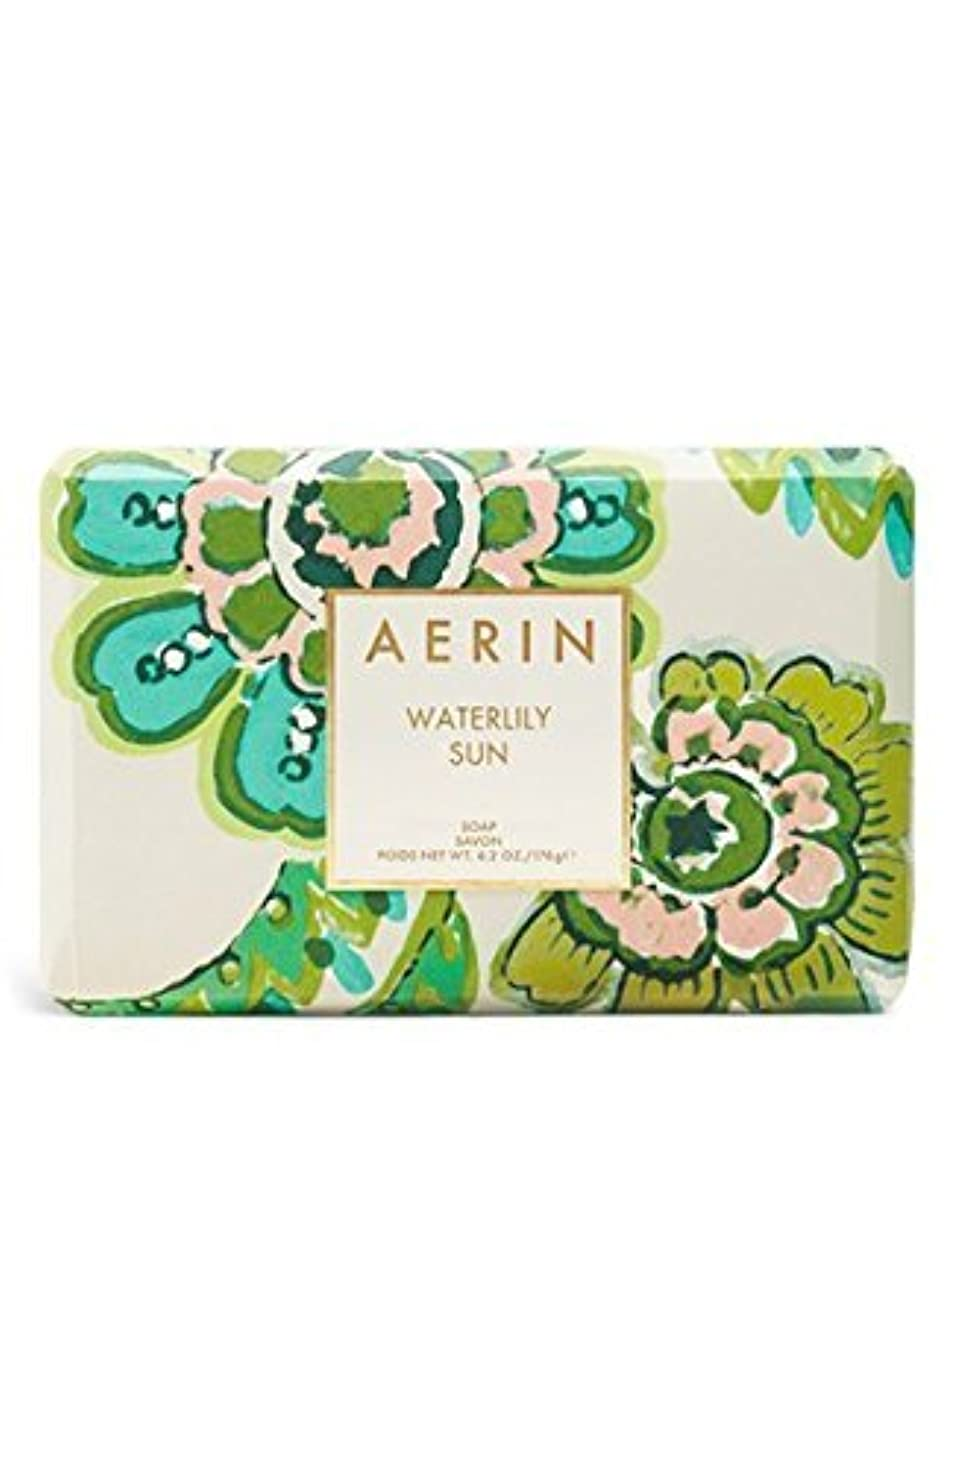 象懸念作動するAERIN 'Waterlily Sun' (アエリン ウオーターリリー サン) 6.2 oz (50ml) Body Soap 固形石鹸 by Estee Lauder for Women